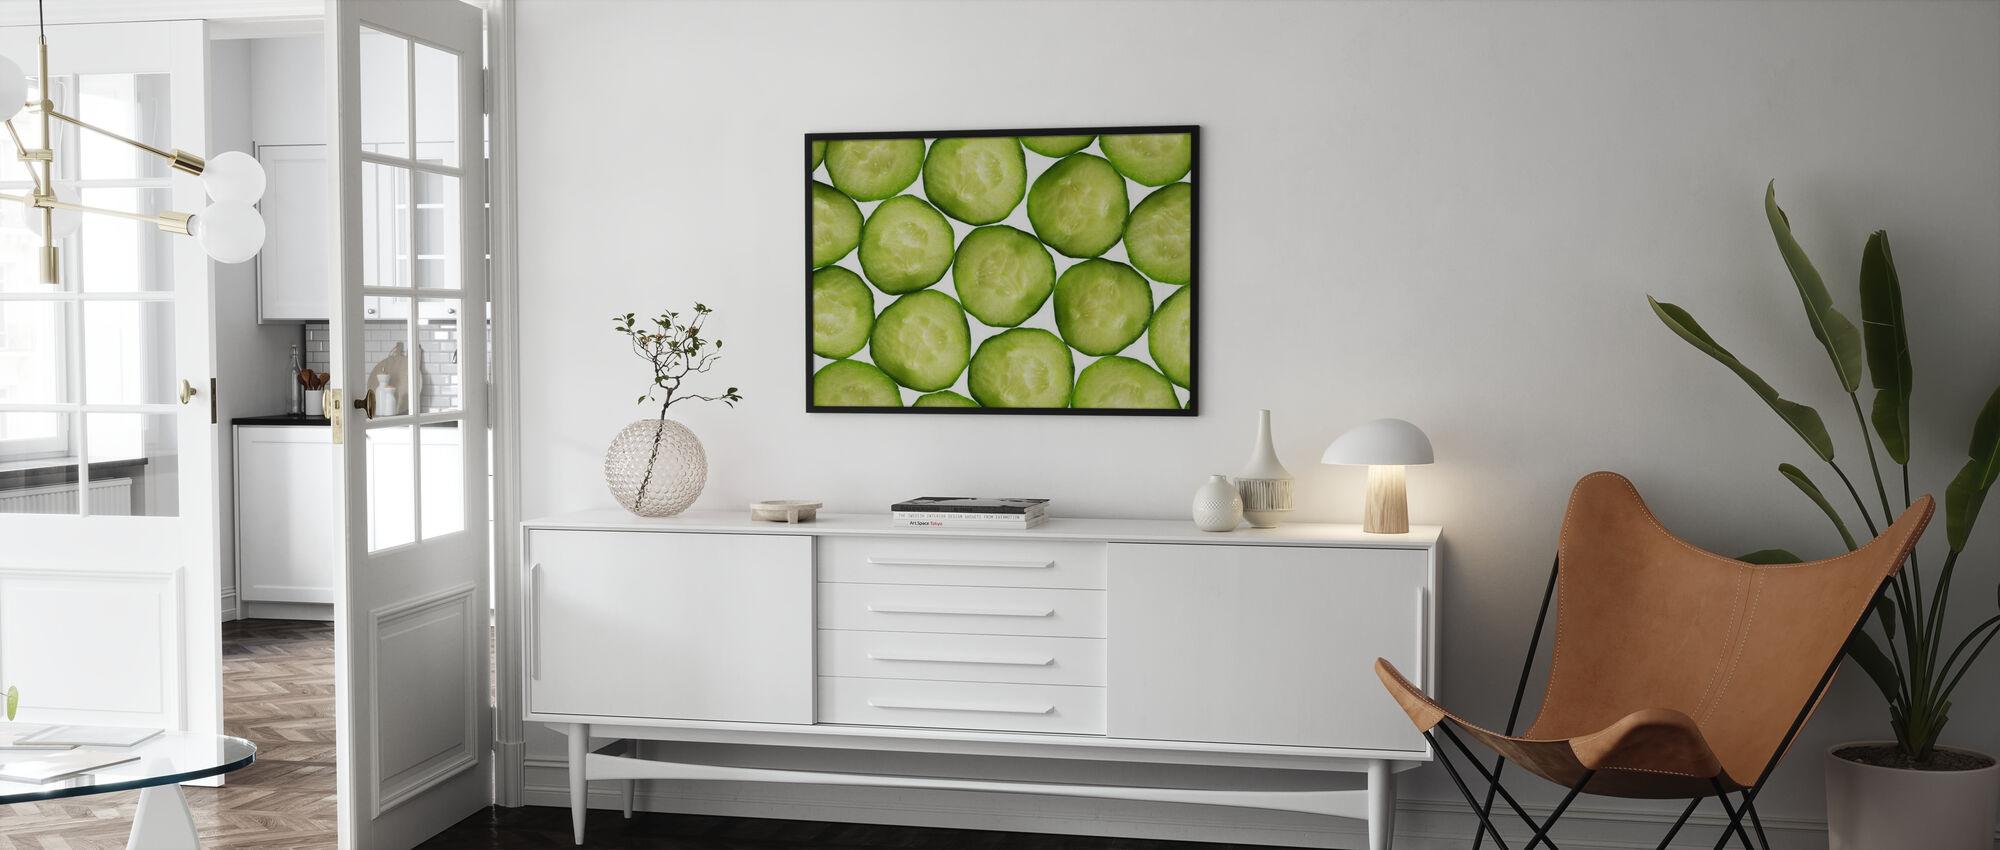 Gurkenscheiben - Poster - Wohnzimmer